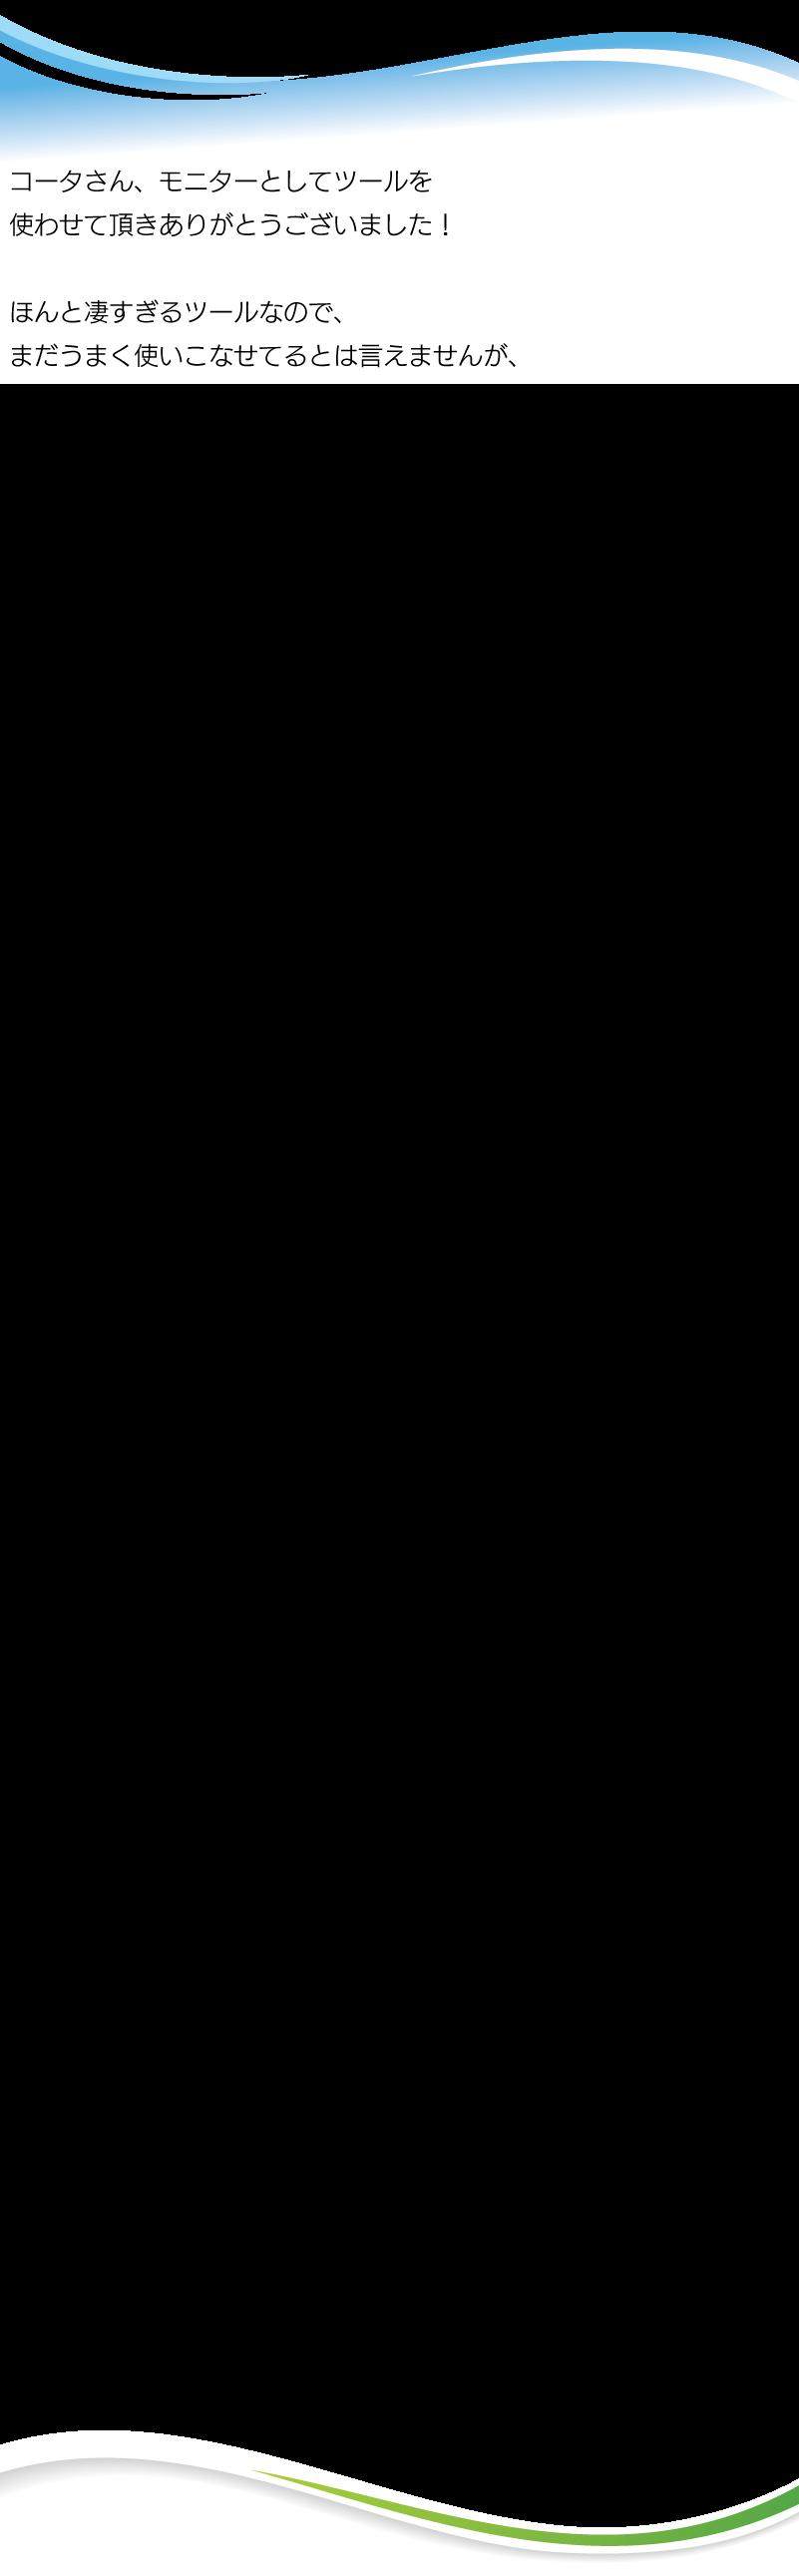 ama14-09